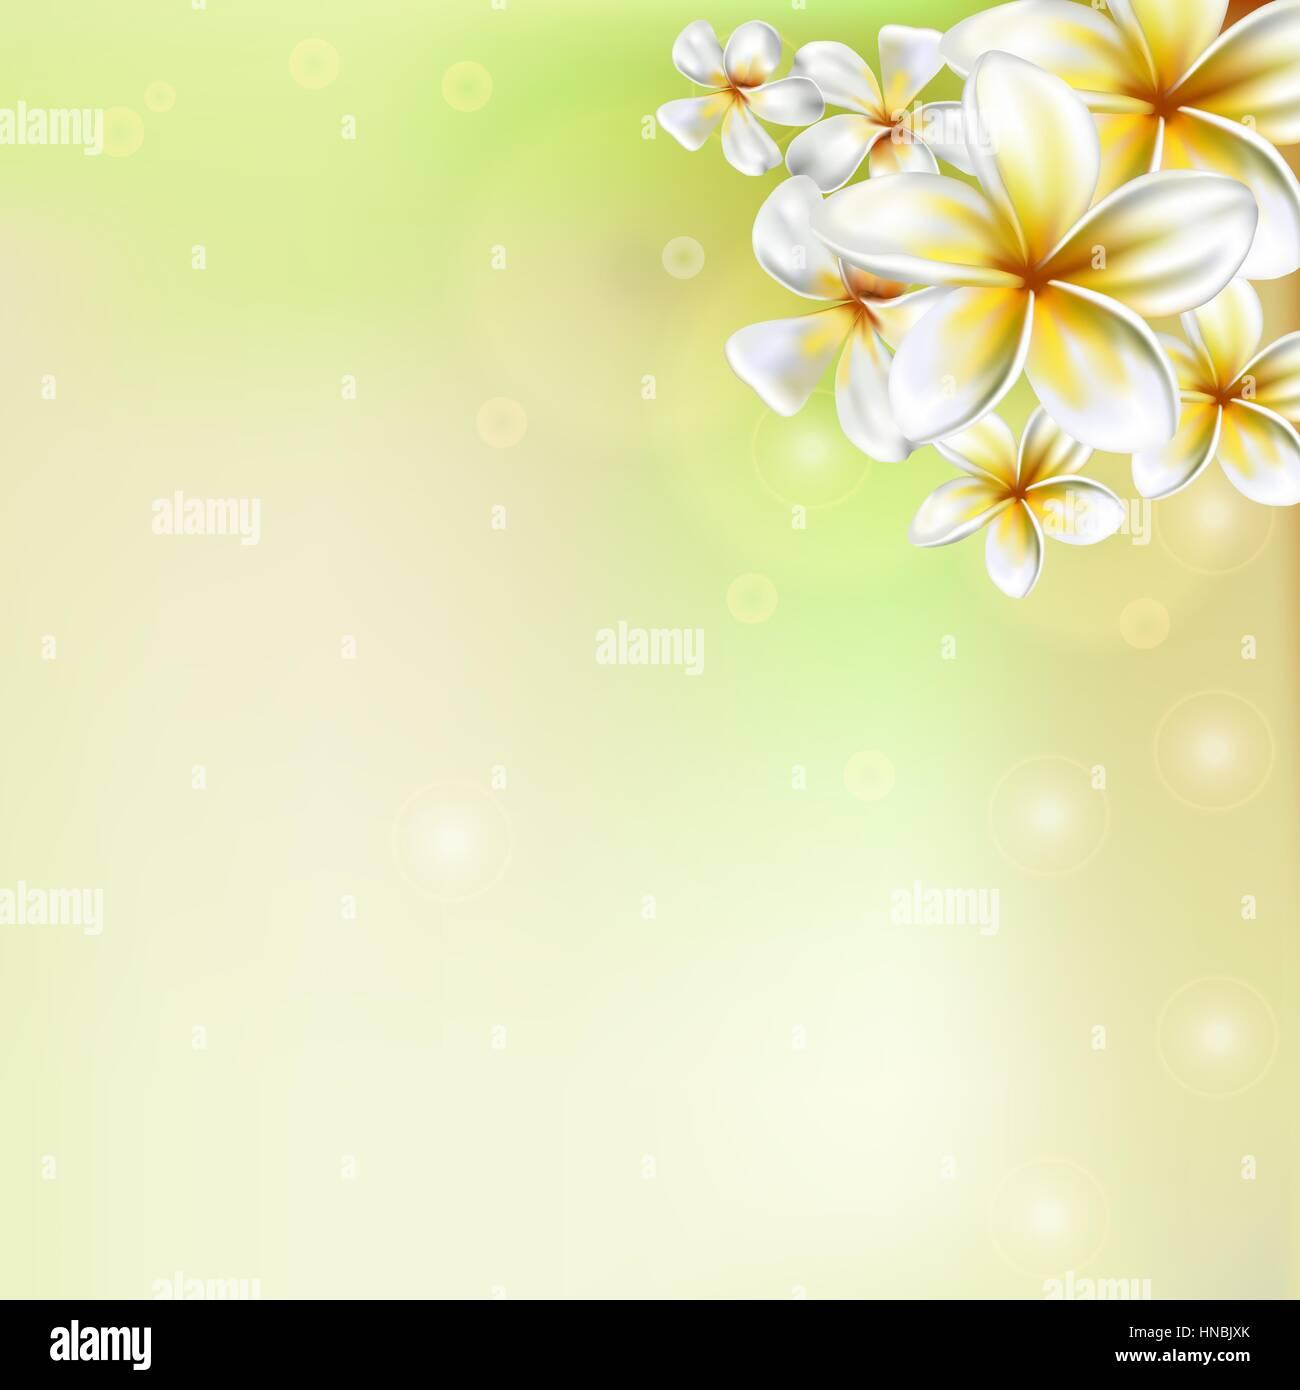 Plumeria flower. Frangipani - Stock Vector